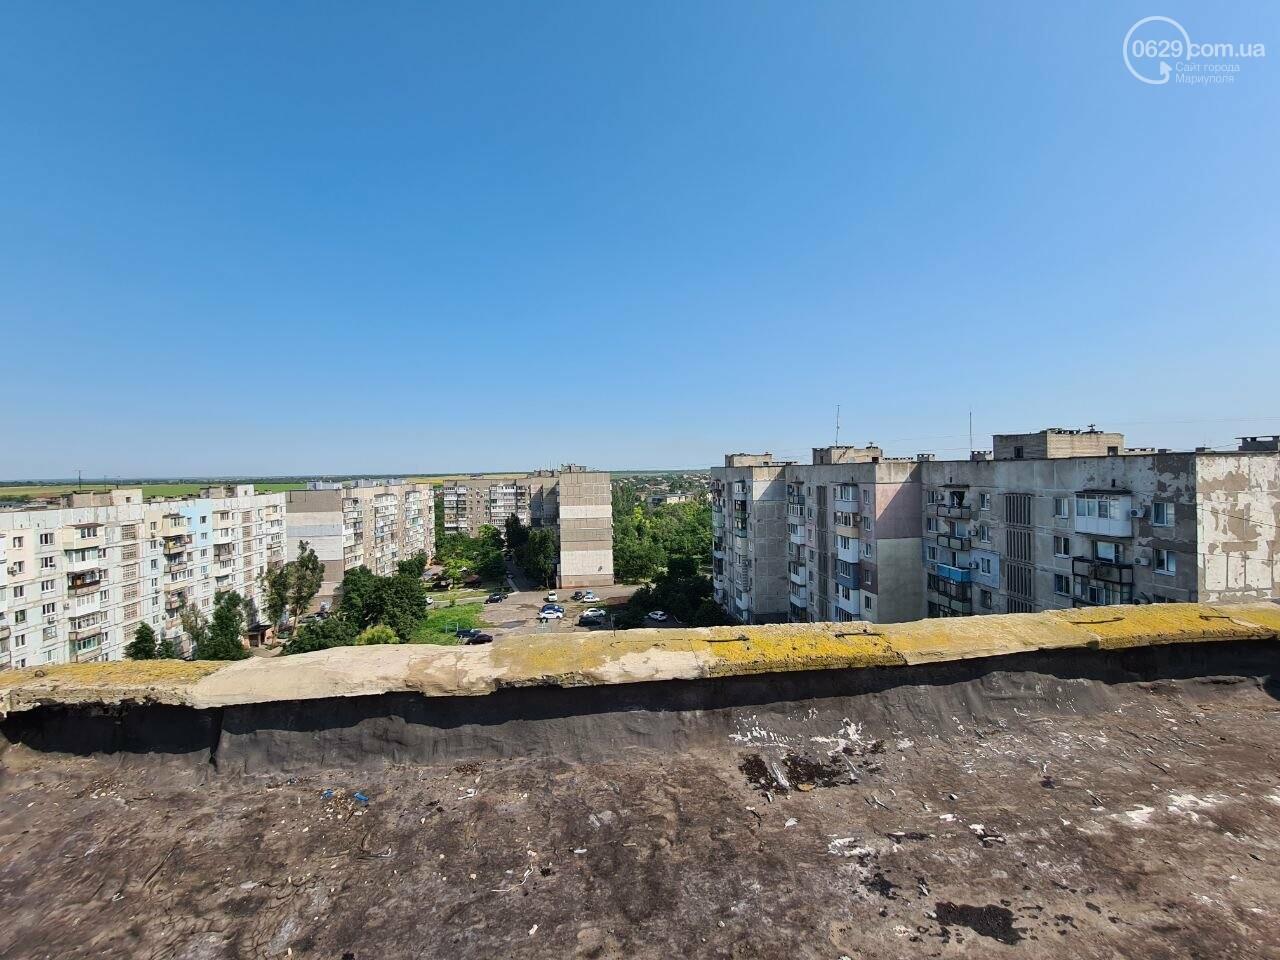 Эхо непогоды! В Мариуполе внепланово ремонтируют пострадавшую от ливня многоэтажку, - ФОТО, фото-3